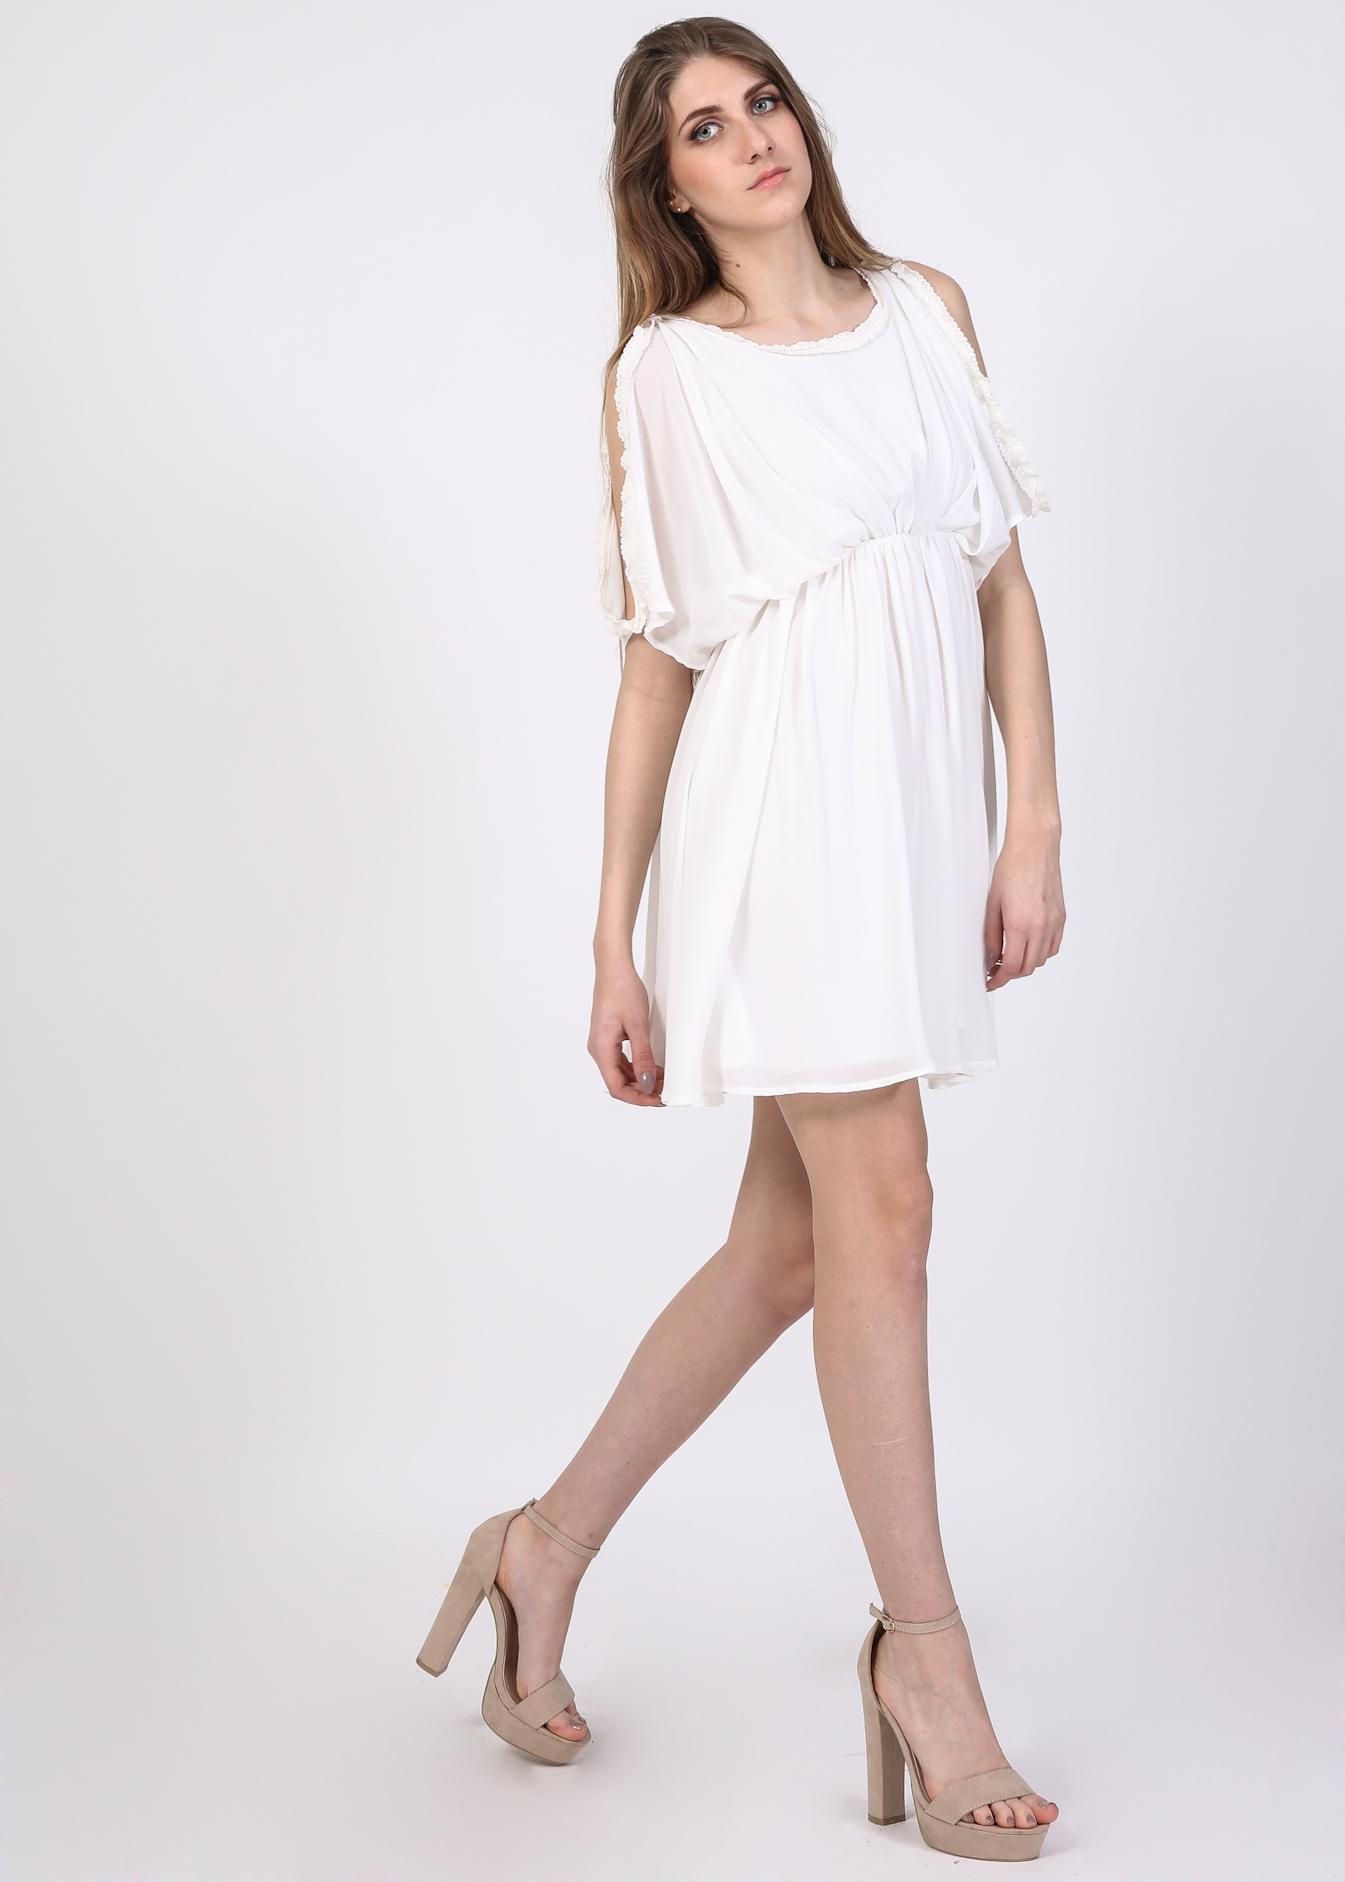 Bianca off shoulder skater φόρεμα, λευκό ρούχα